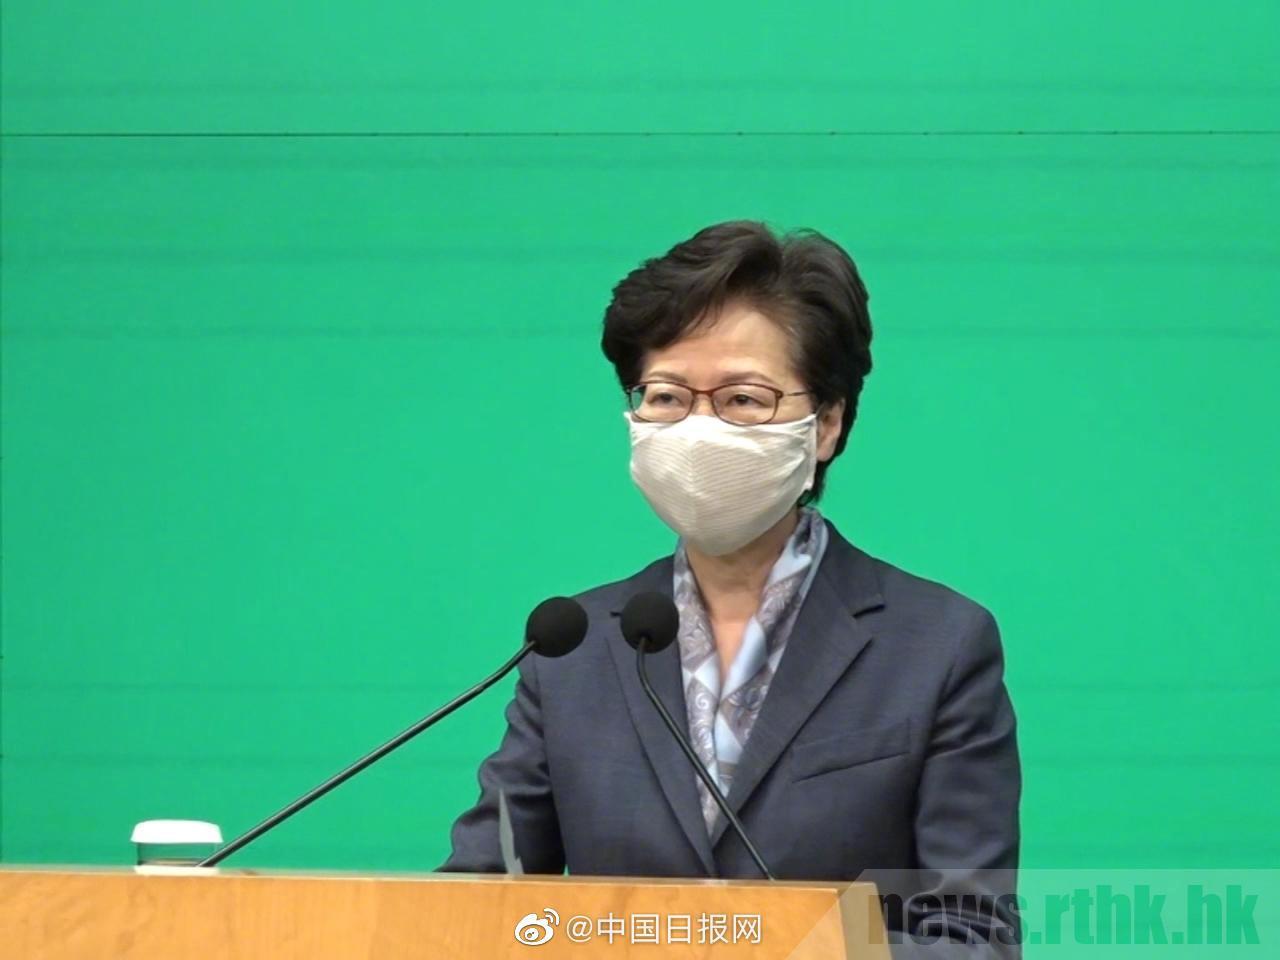 合乐官网:个人都应合乐官网汲取教训香港承受不起图片